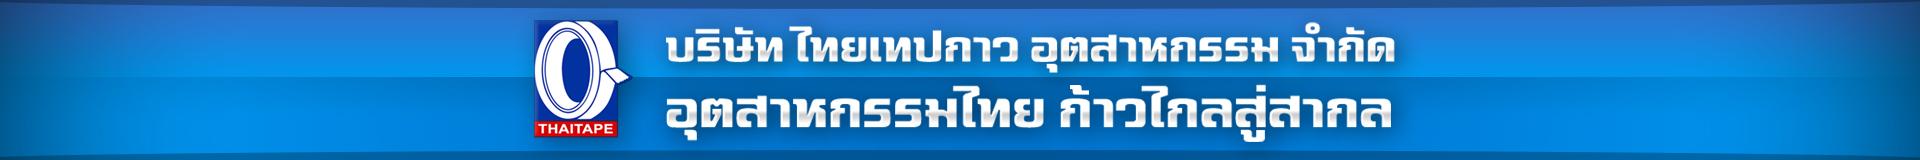 Thaitape